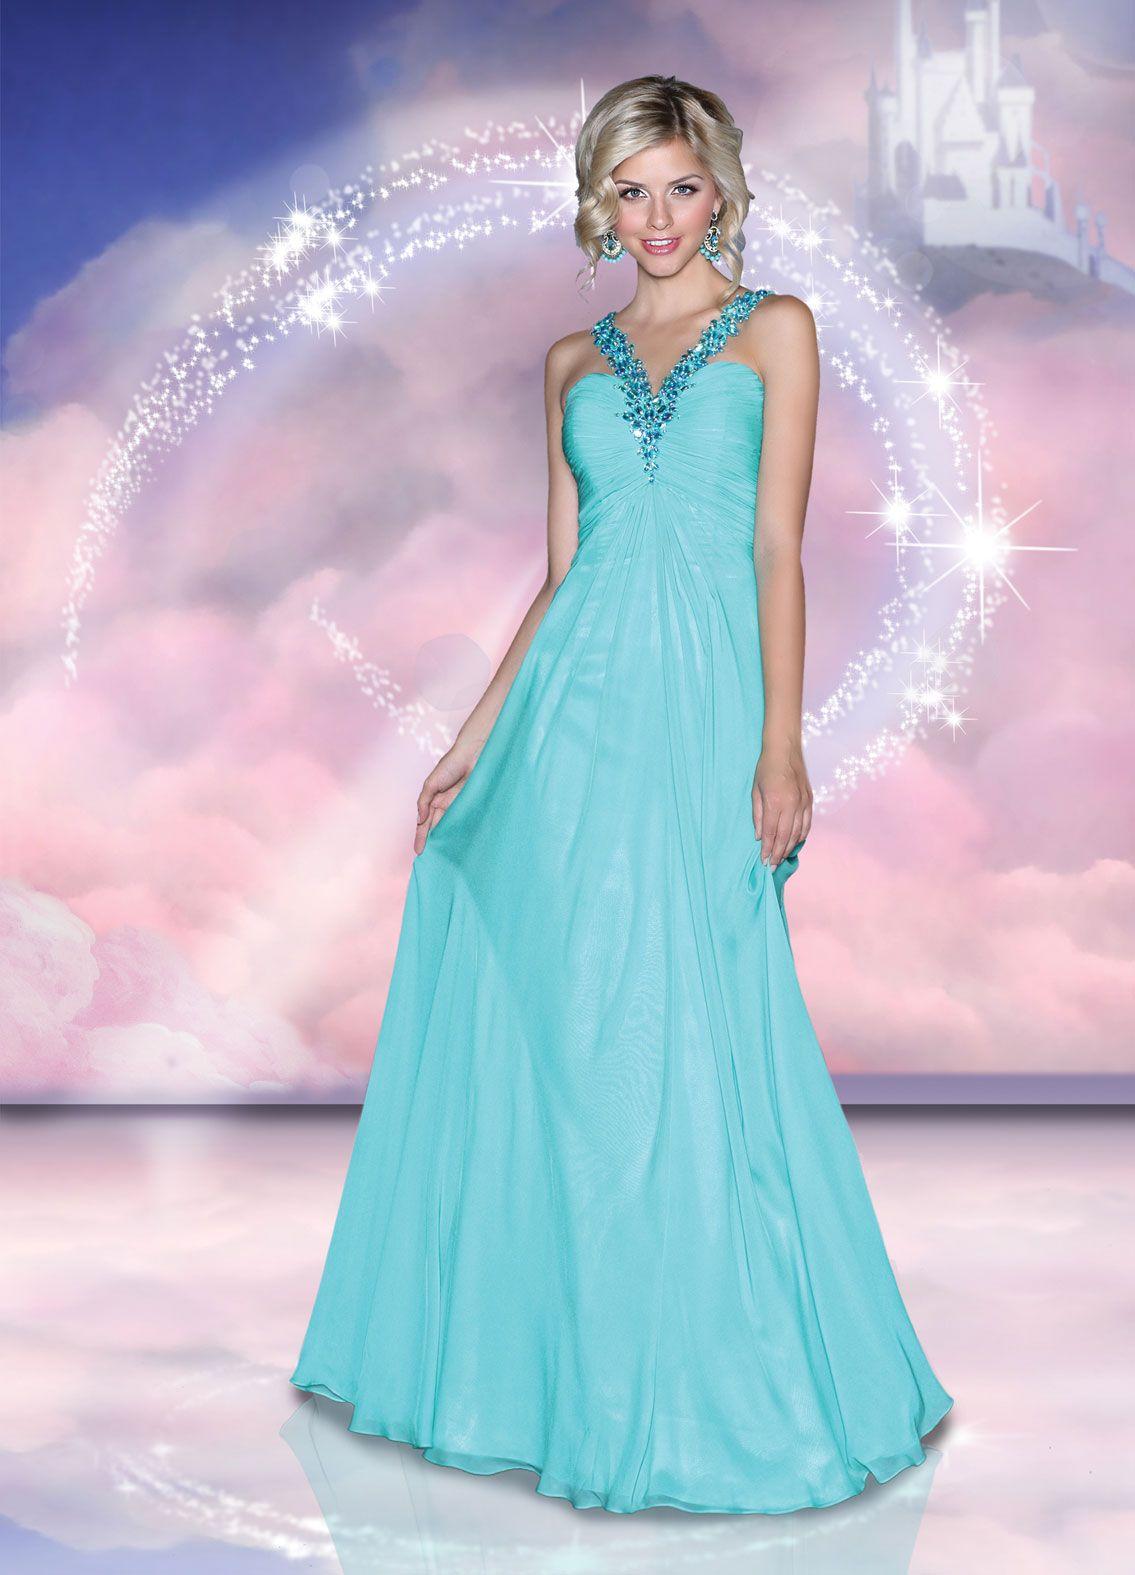 Disney forever enchanted prom dresses sweet pinterest prom